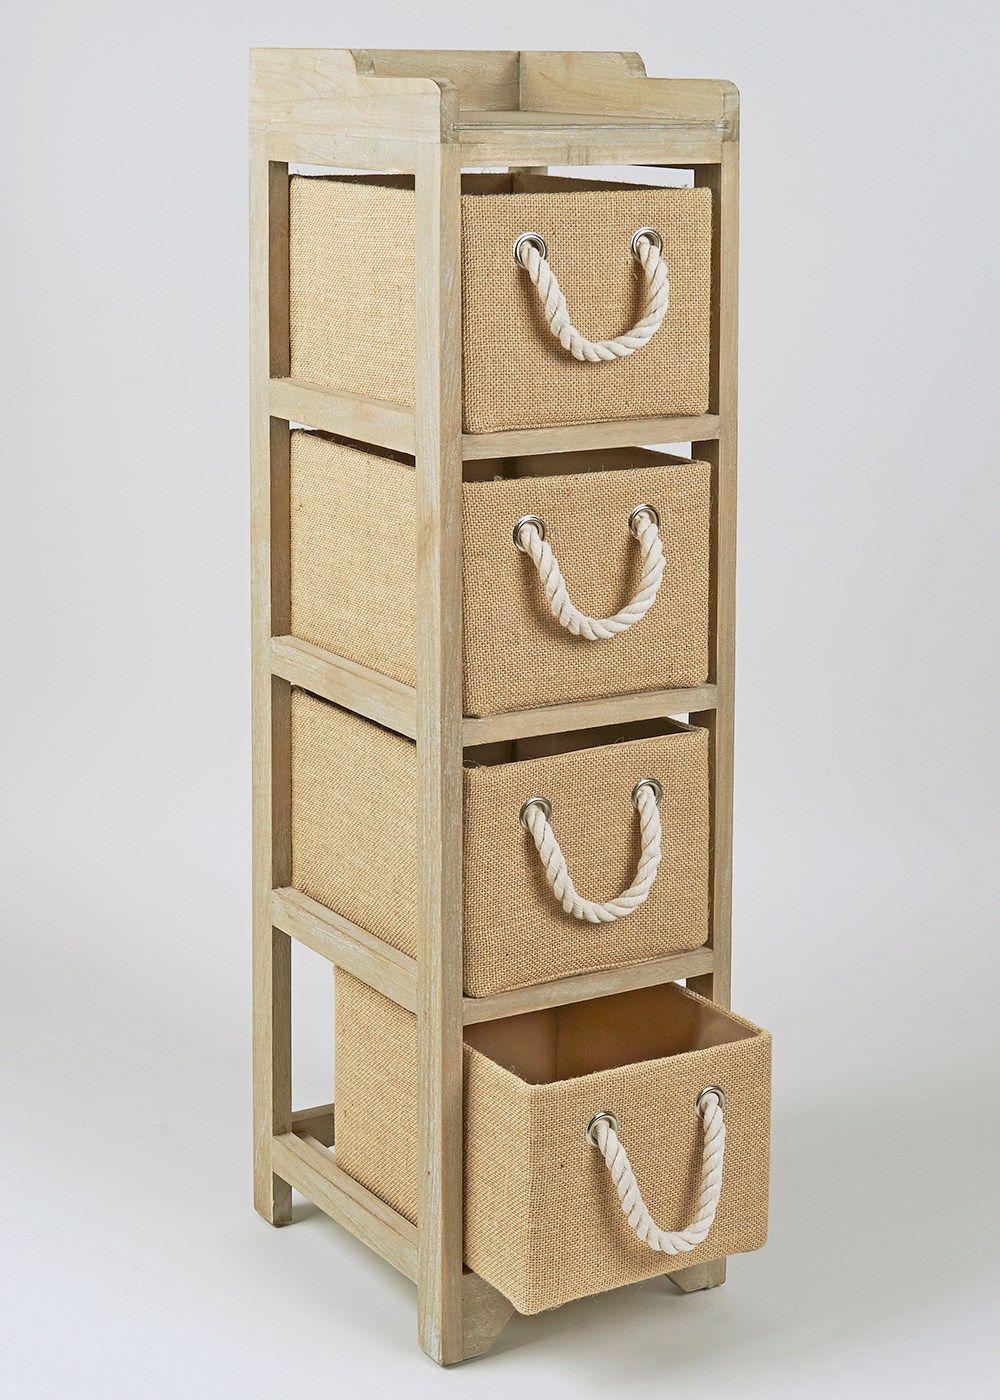 4 Drawer Wooden Tower Unit (24cm X 28.7cm X 95.5cm)